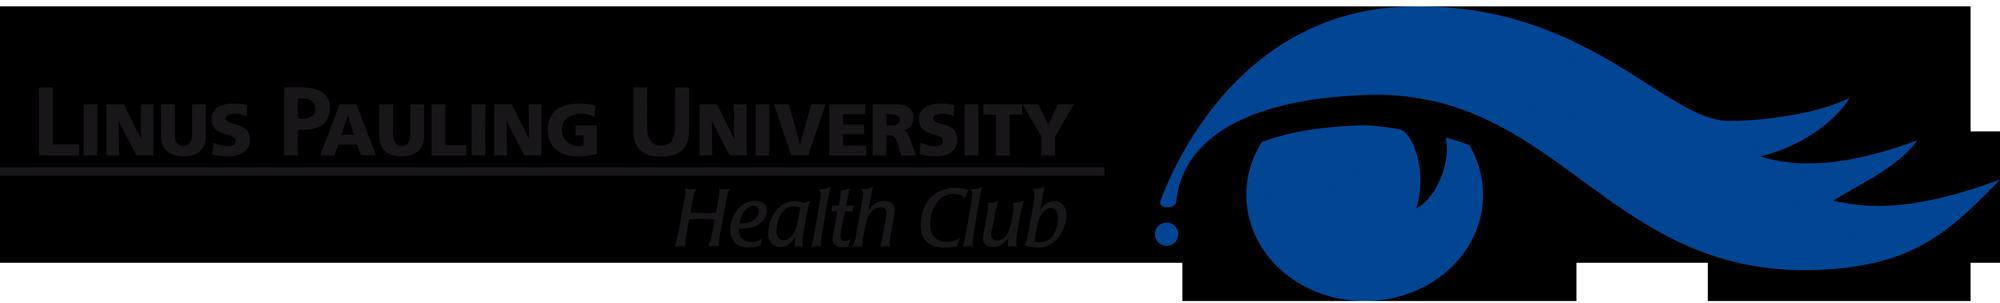 L.P.U. Health Club